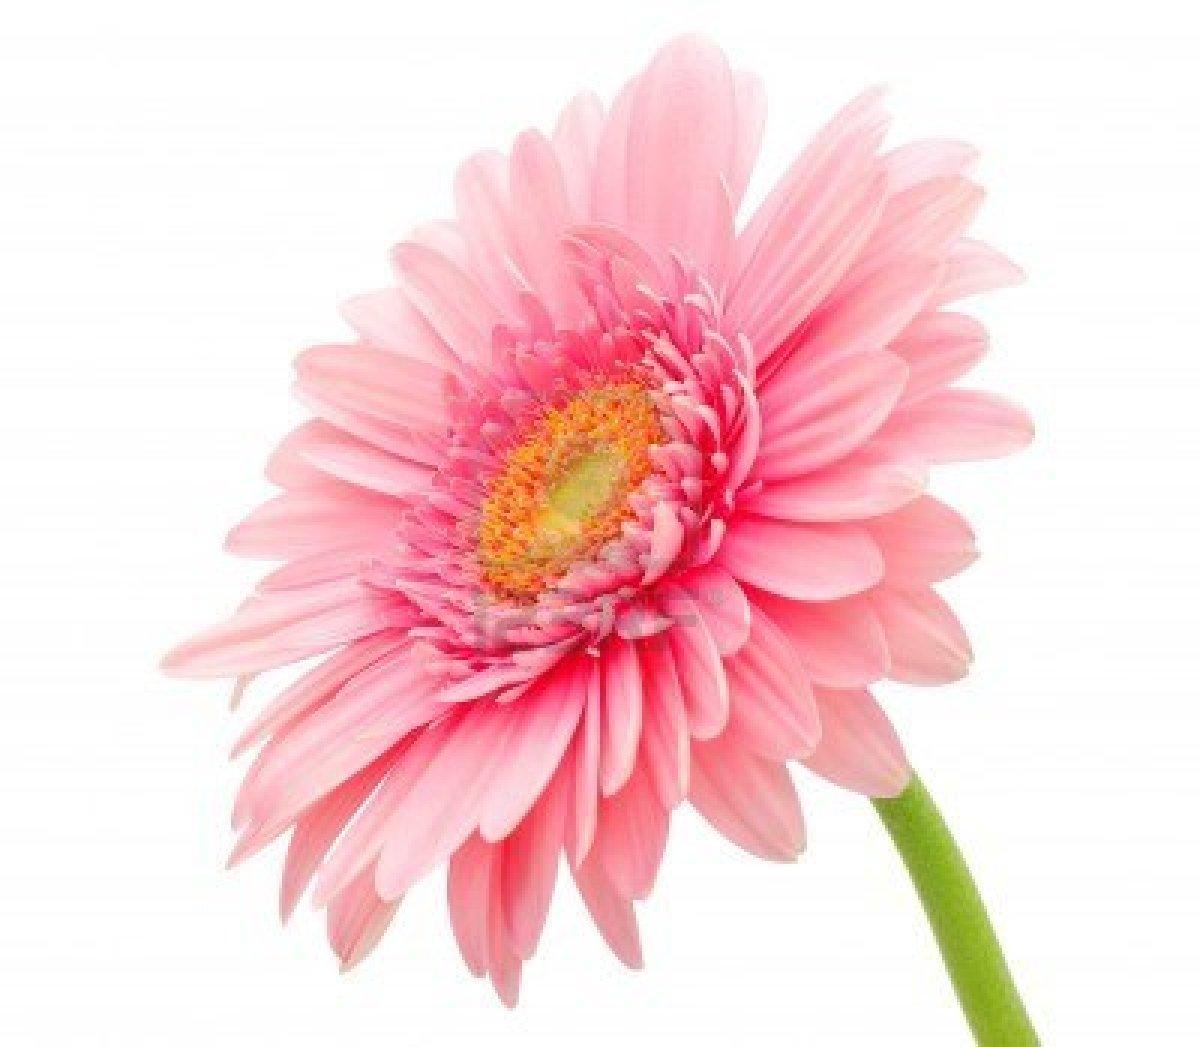 gerbera- daisy flower wallpaper 2